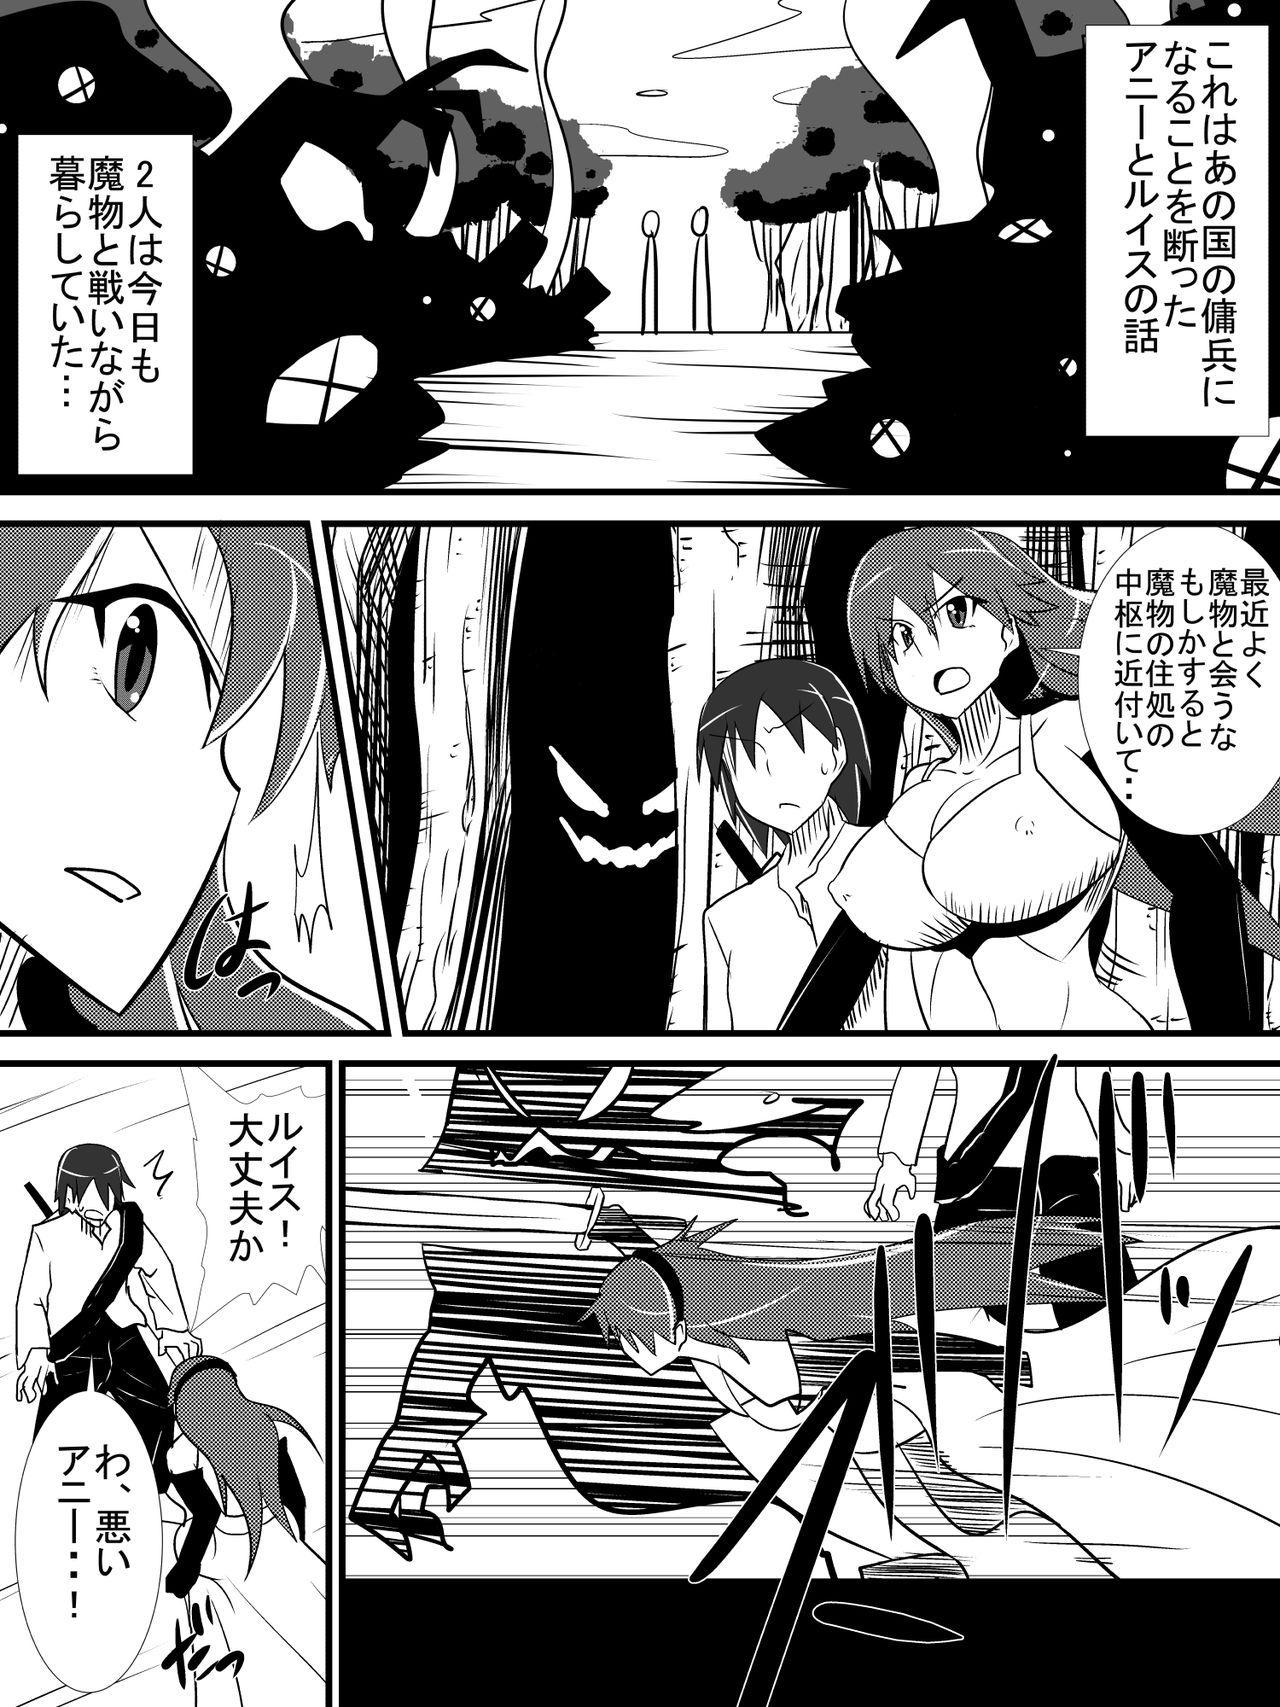 Osananajimi no Onna Kishi ga Oujo ni Naru Made Kouhen + Omake 0